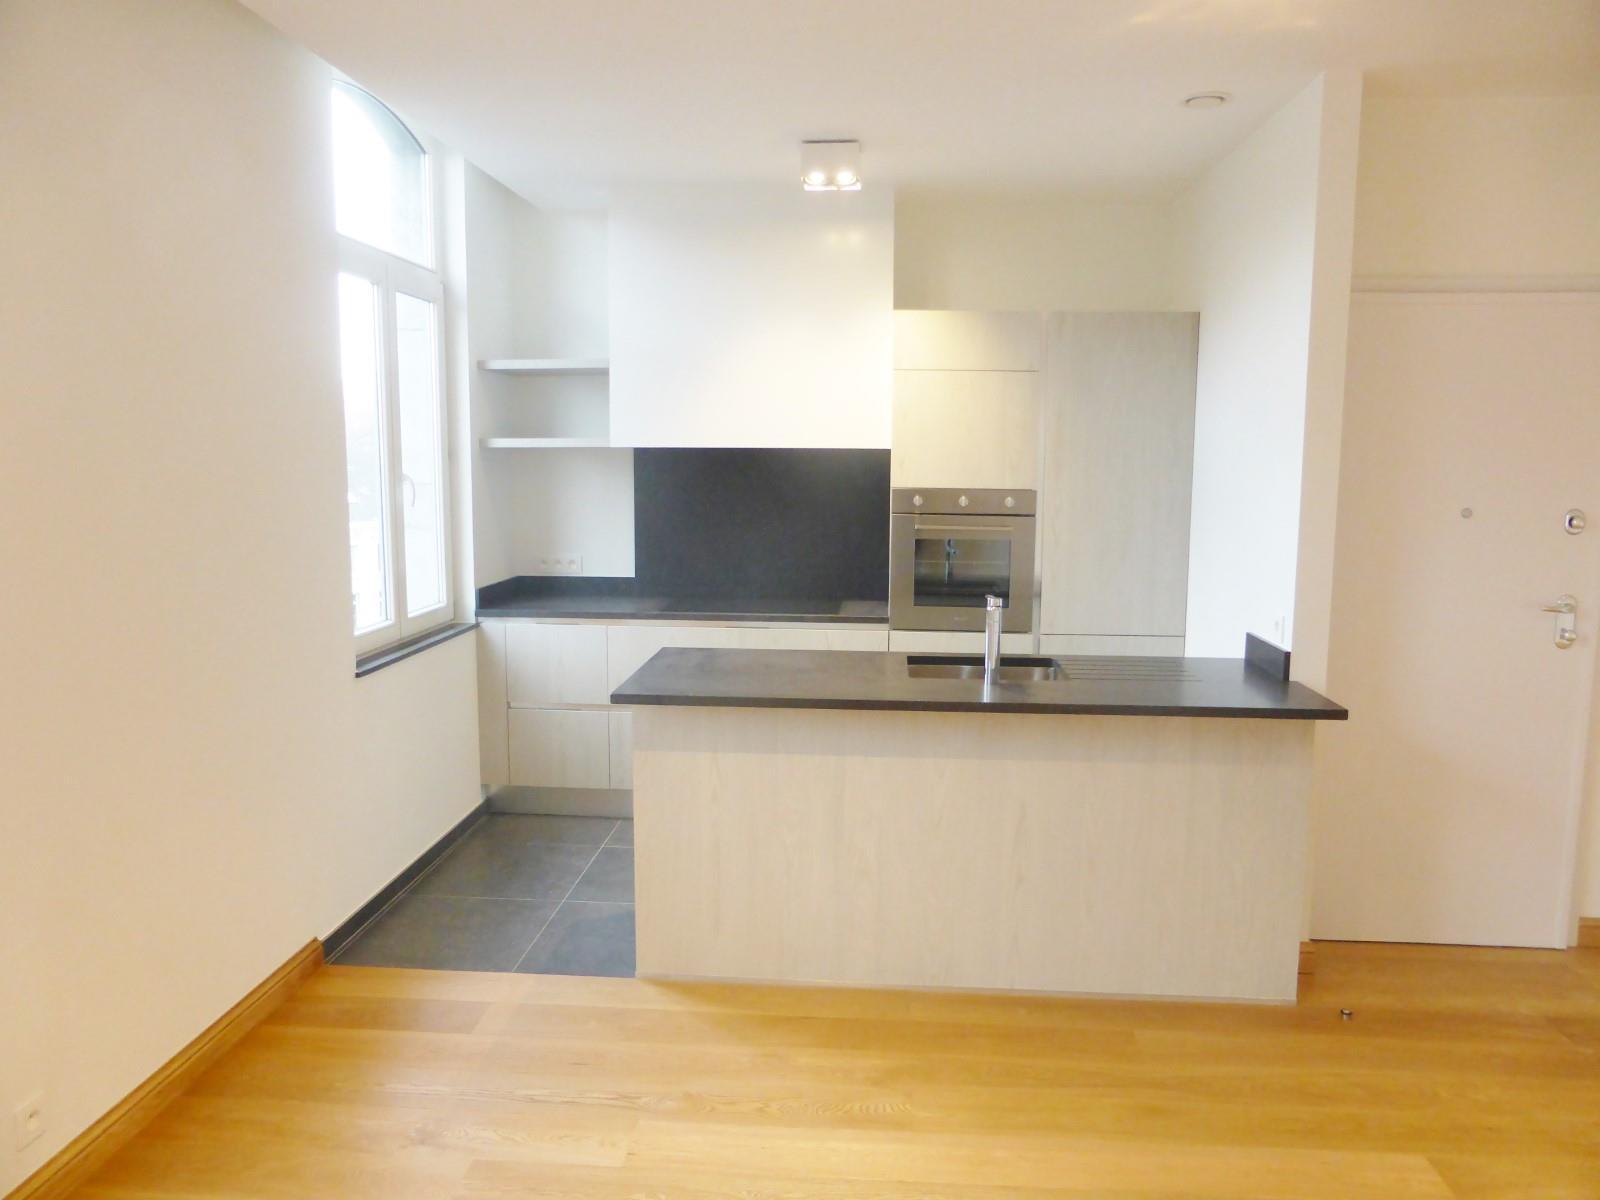 Appartement exceptionnel - Bruxelles - #3965237-29